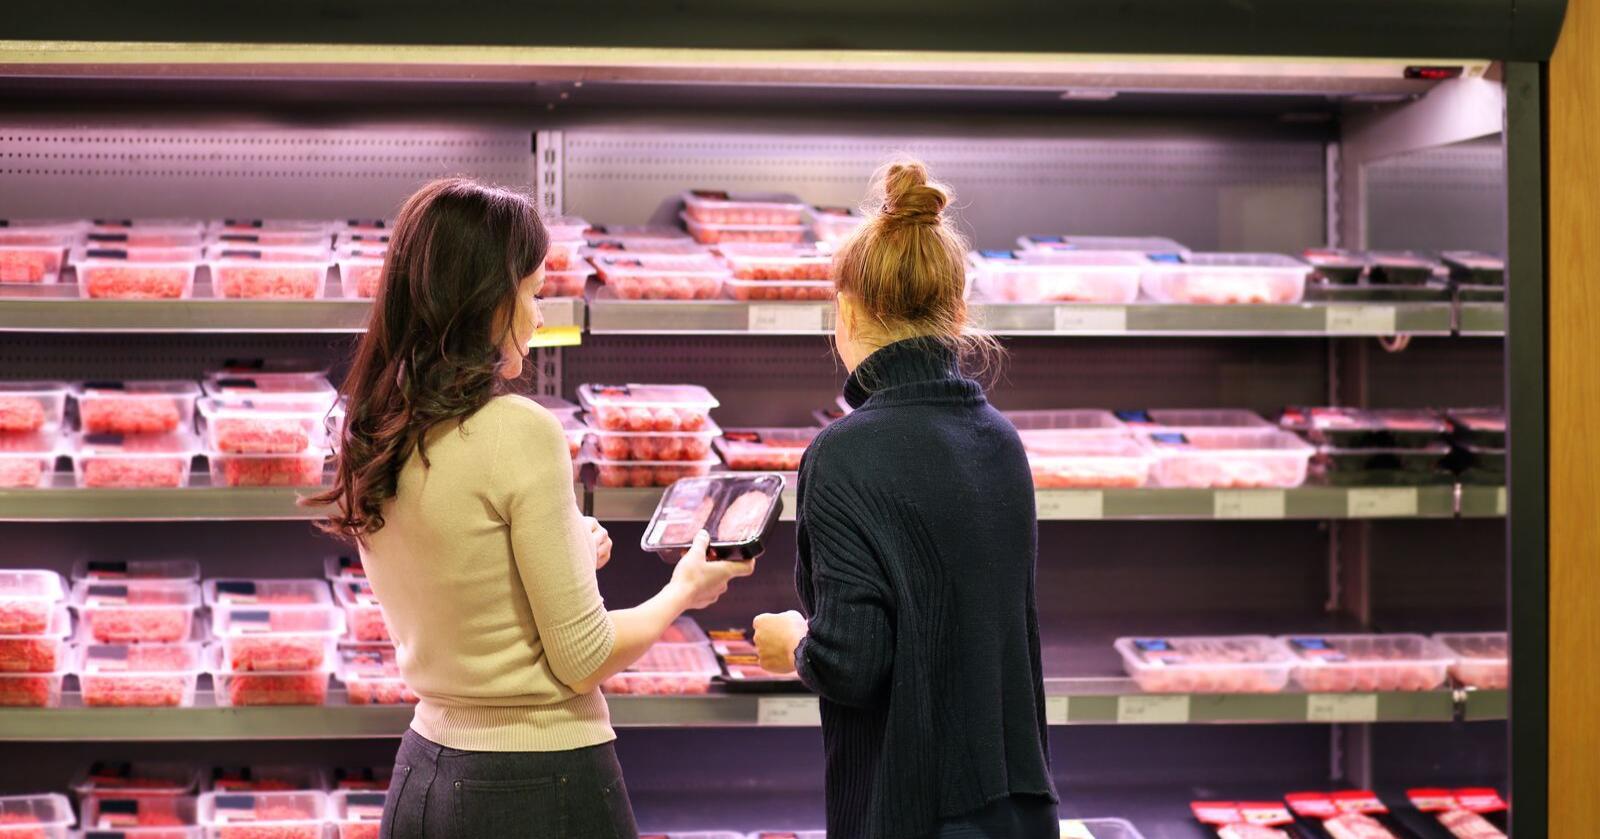 Forbrukerne har, ifølge NorgesGruppens analyse, handlet norske landbruksprodukter (meierivarer, kjøtt, kornprodukter og frukt/grønt) for 1,3 milliarder mer enn samme periode i fjor. Foto: Shutterstock